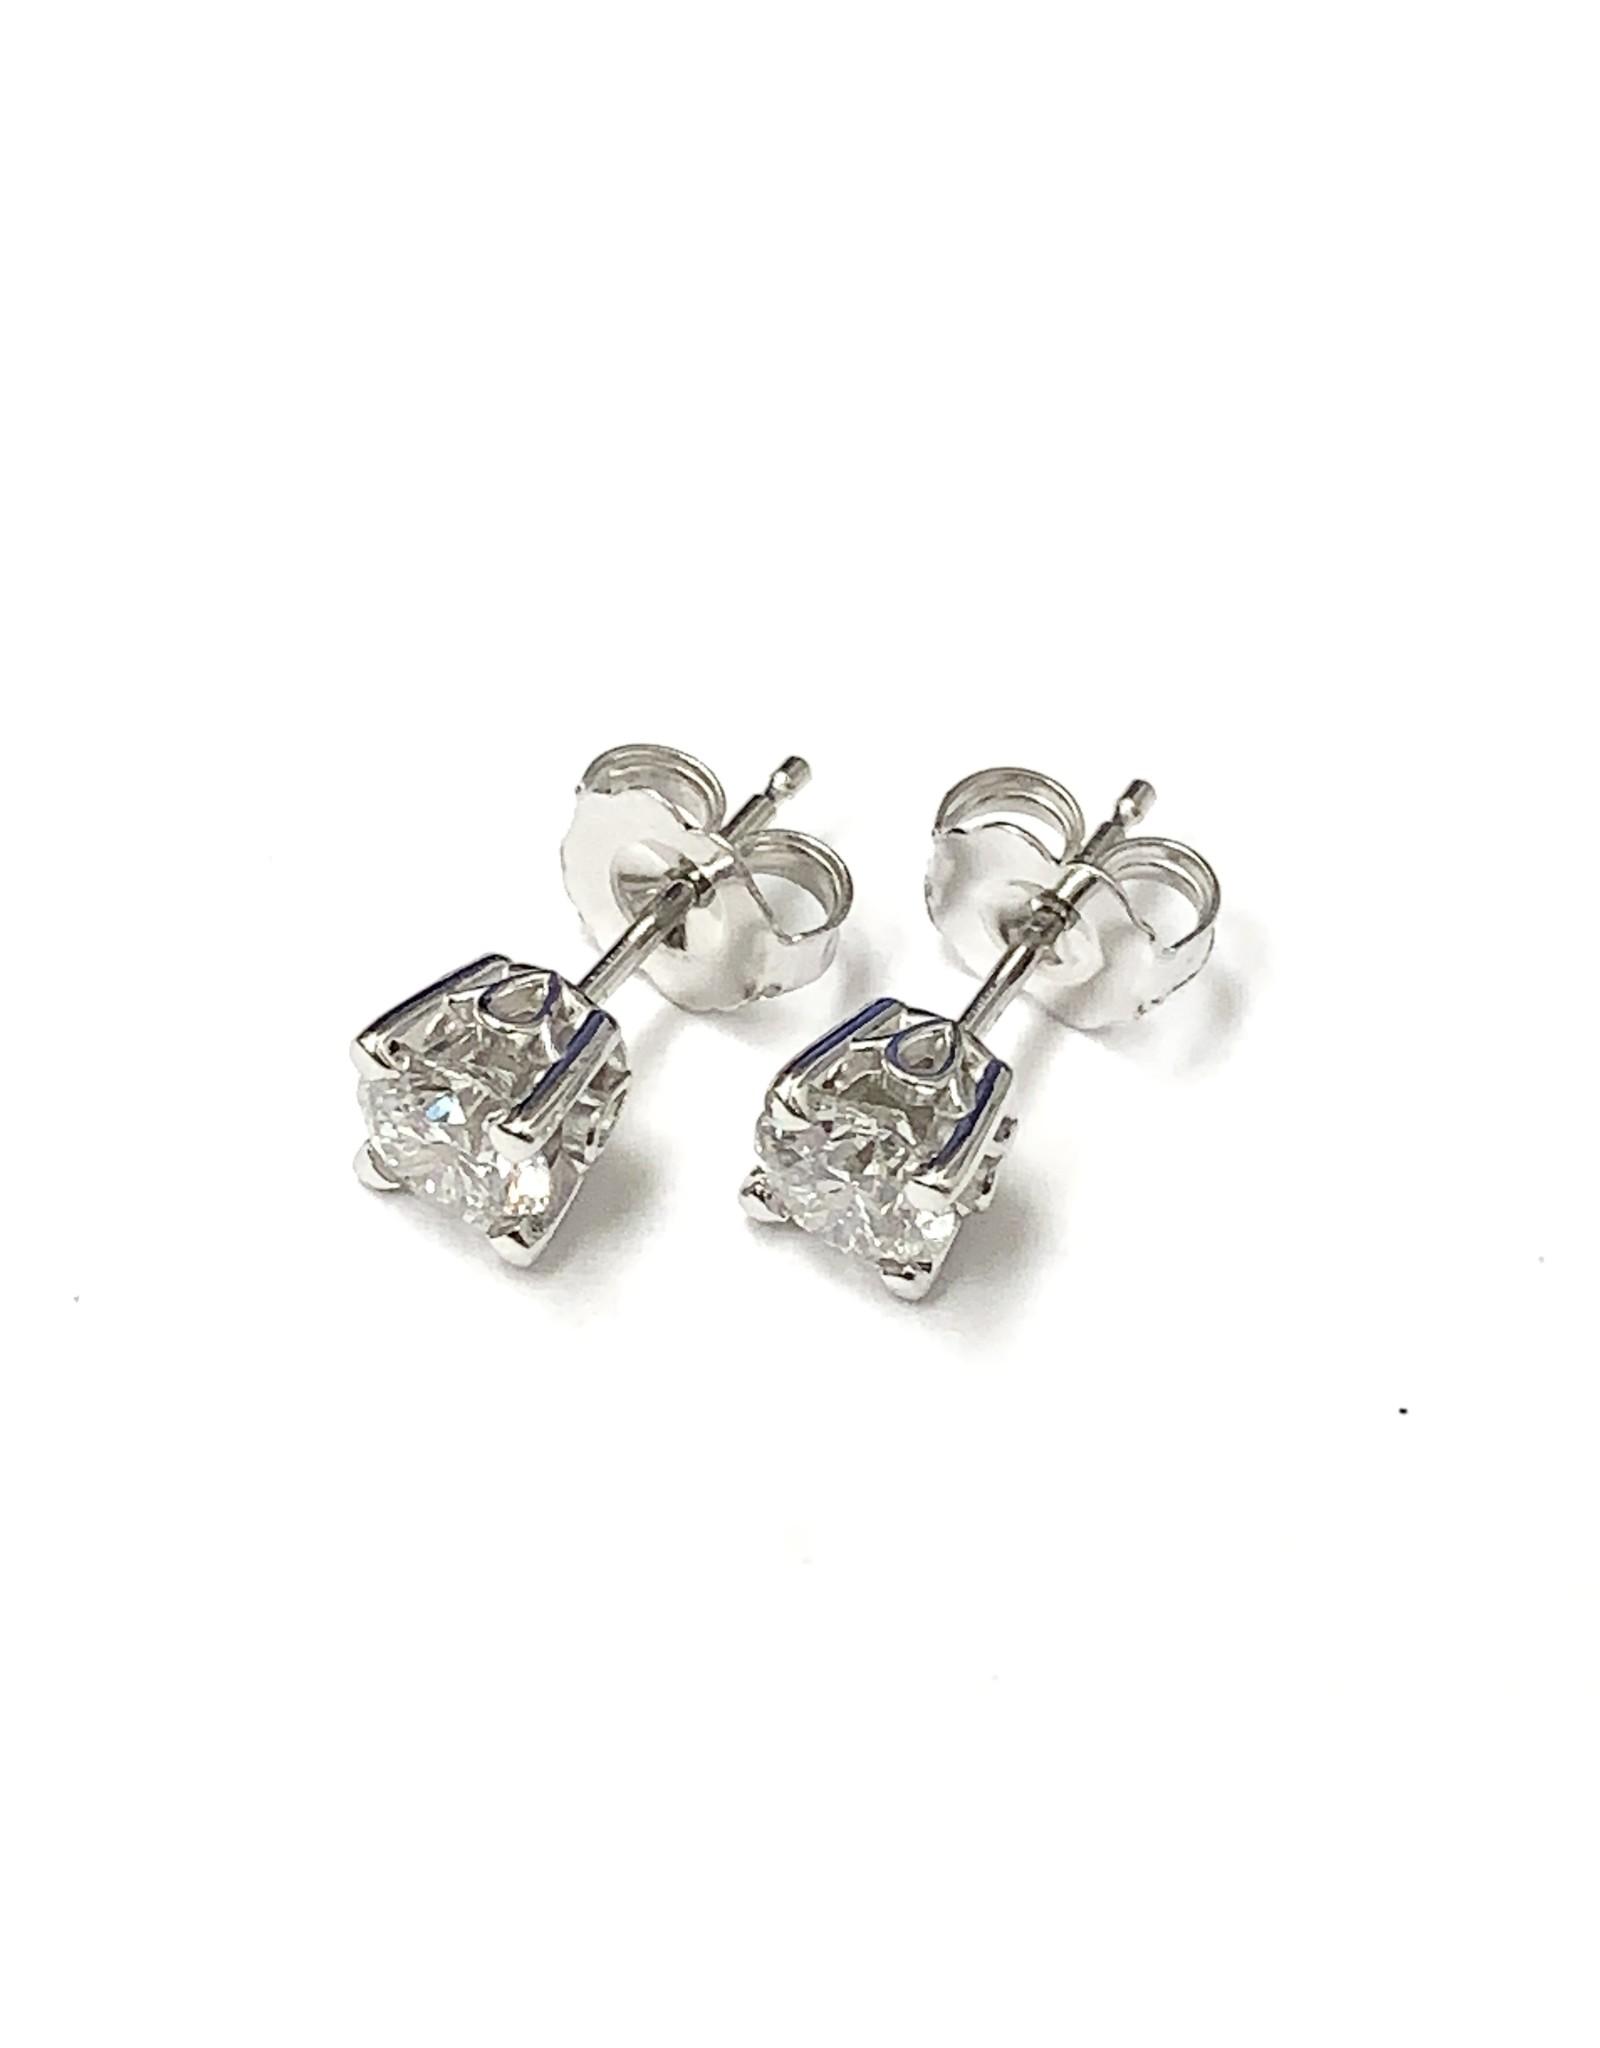 0.80ctw Canadian Diamond Stud Earrings 14KW